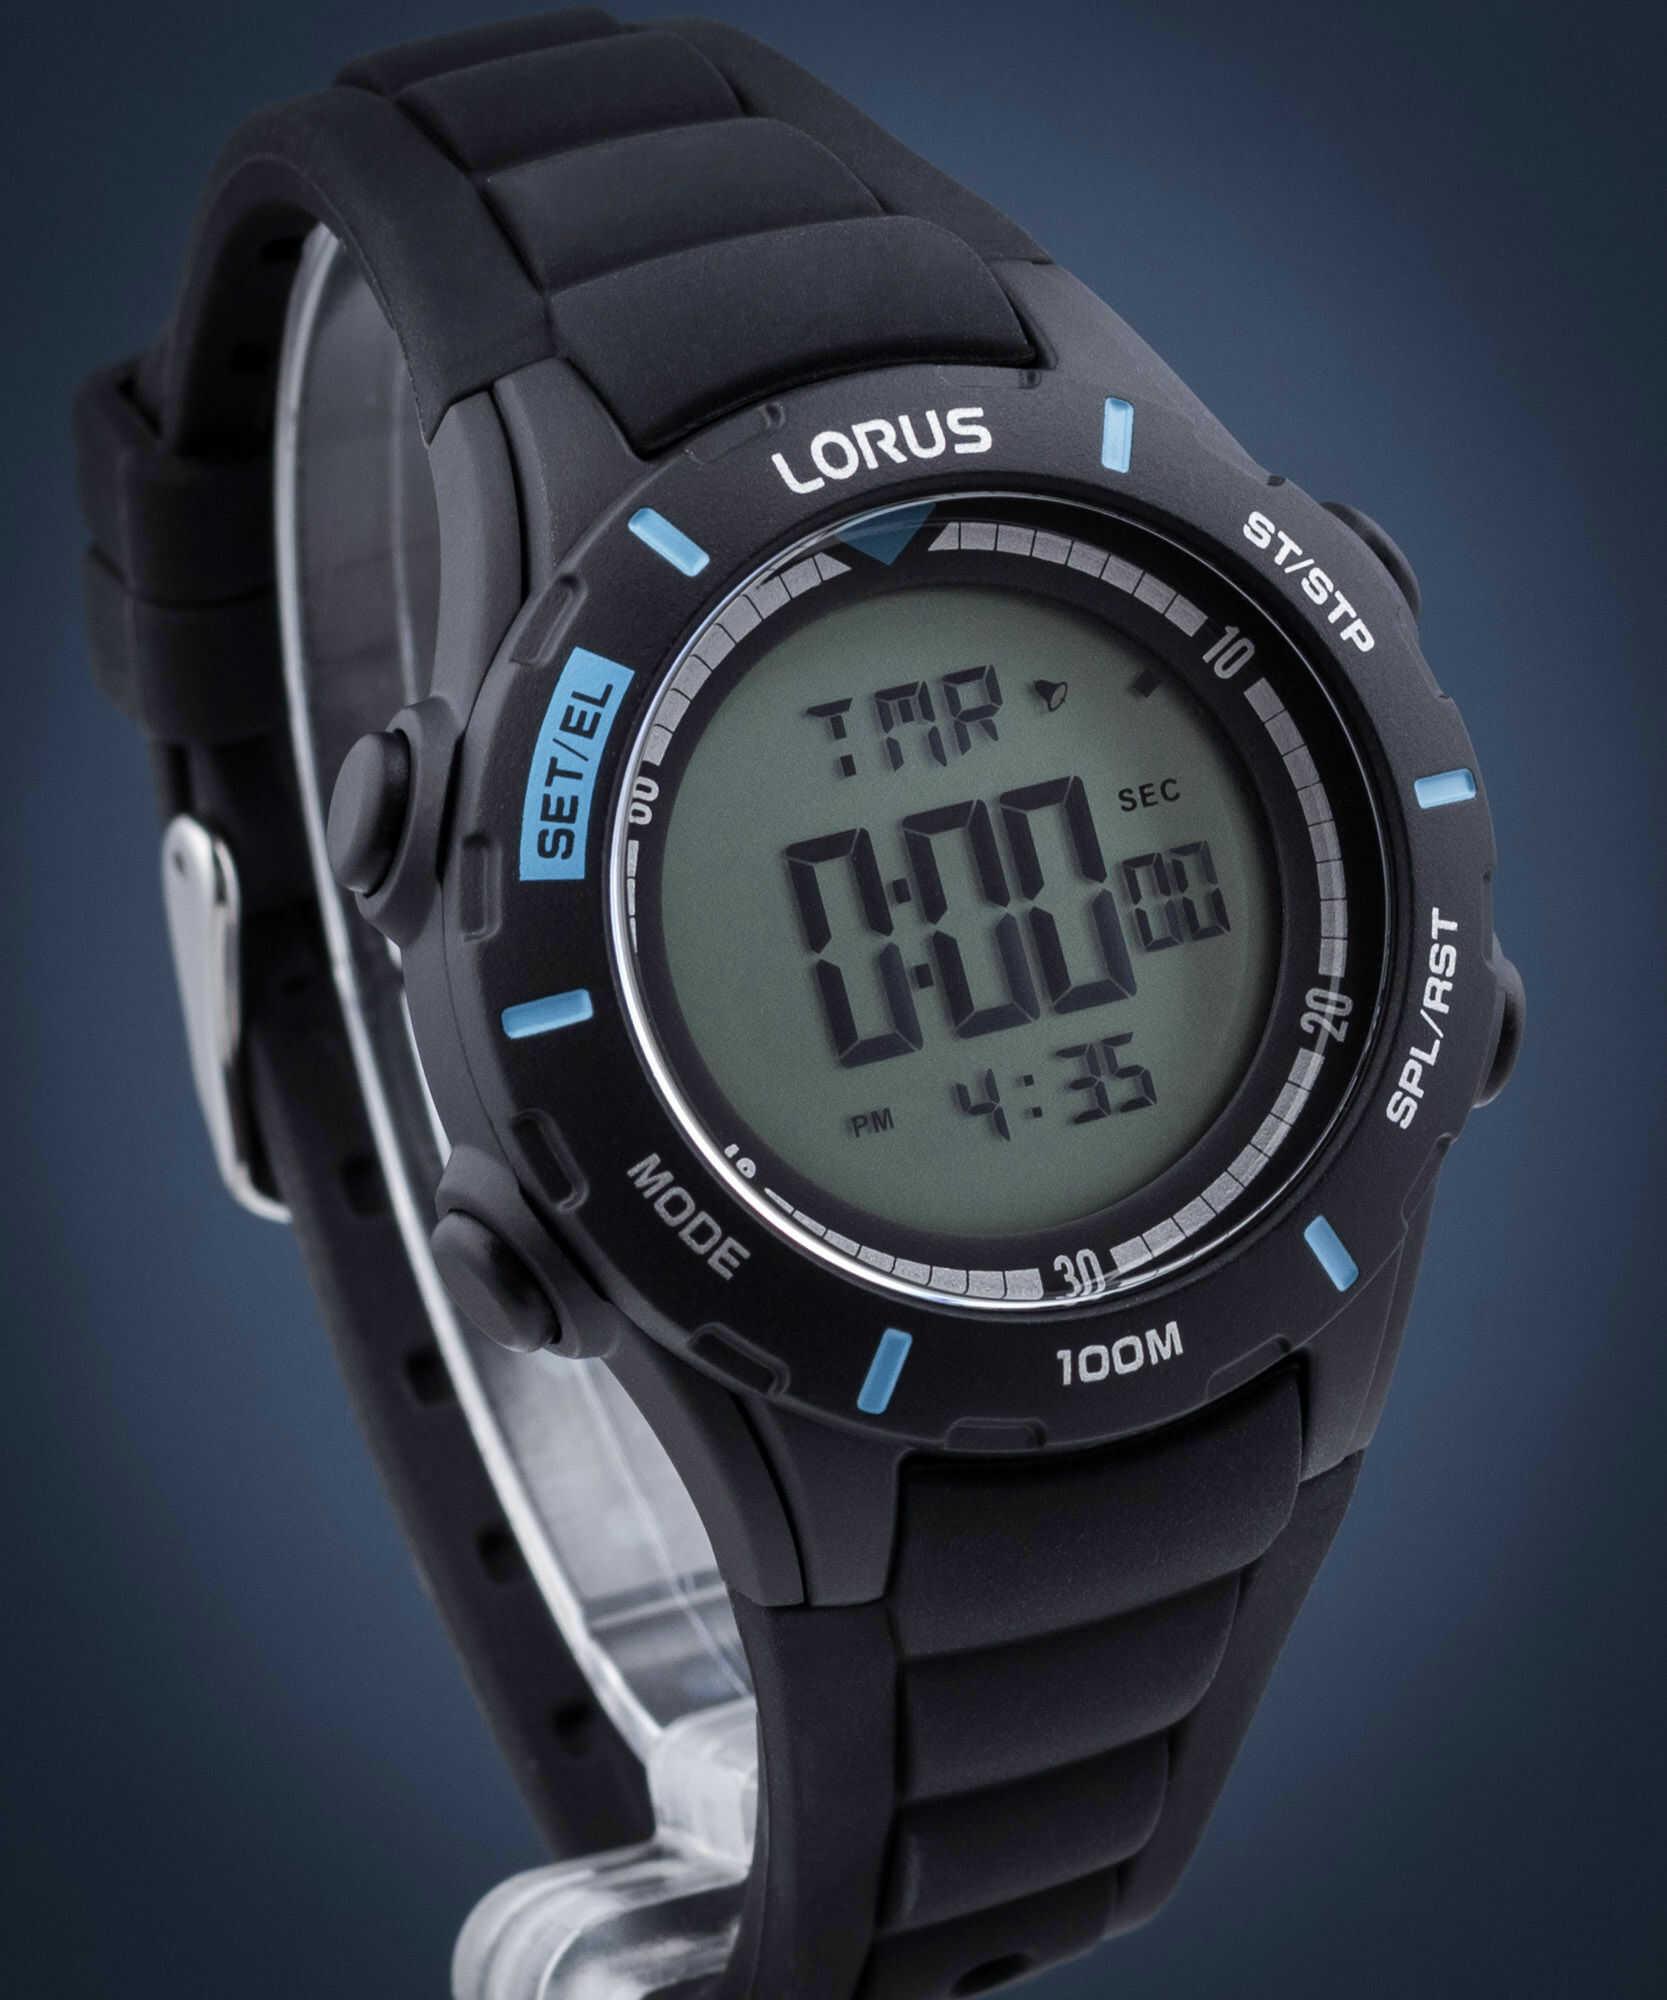 Zegarek męski Lorus Sports